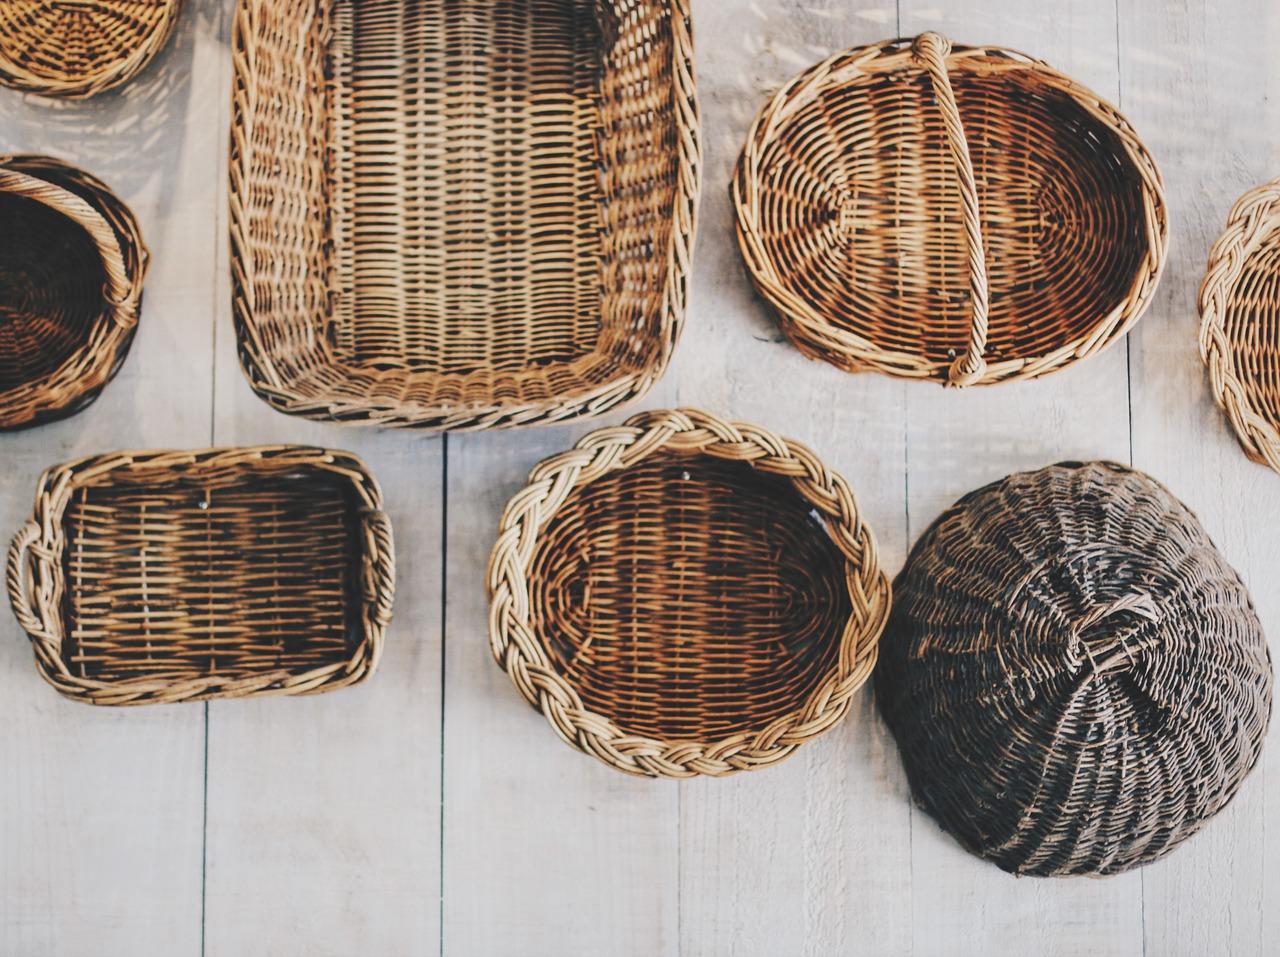 baskets-1208280_1280